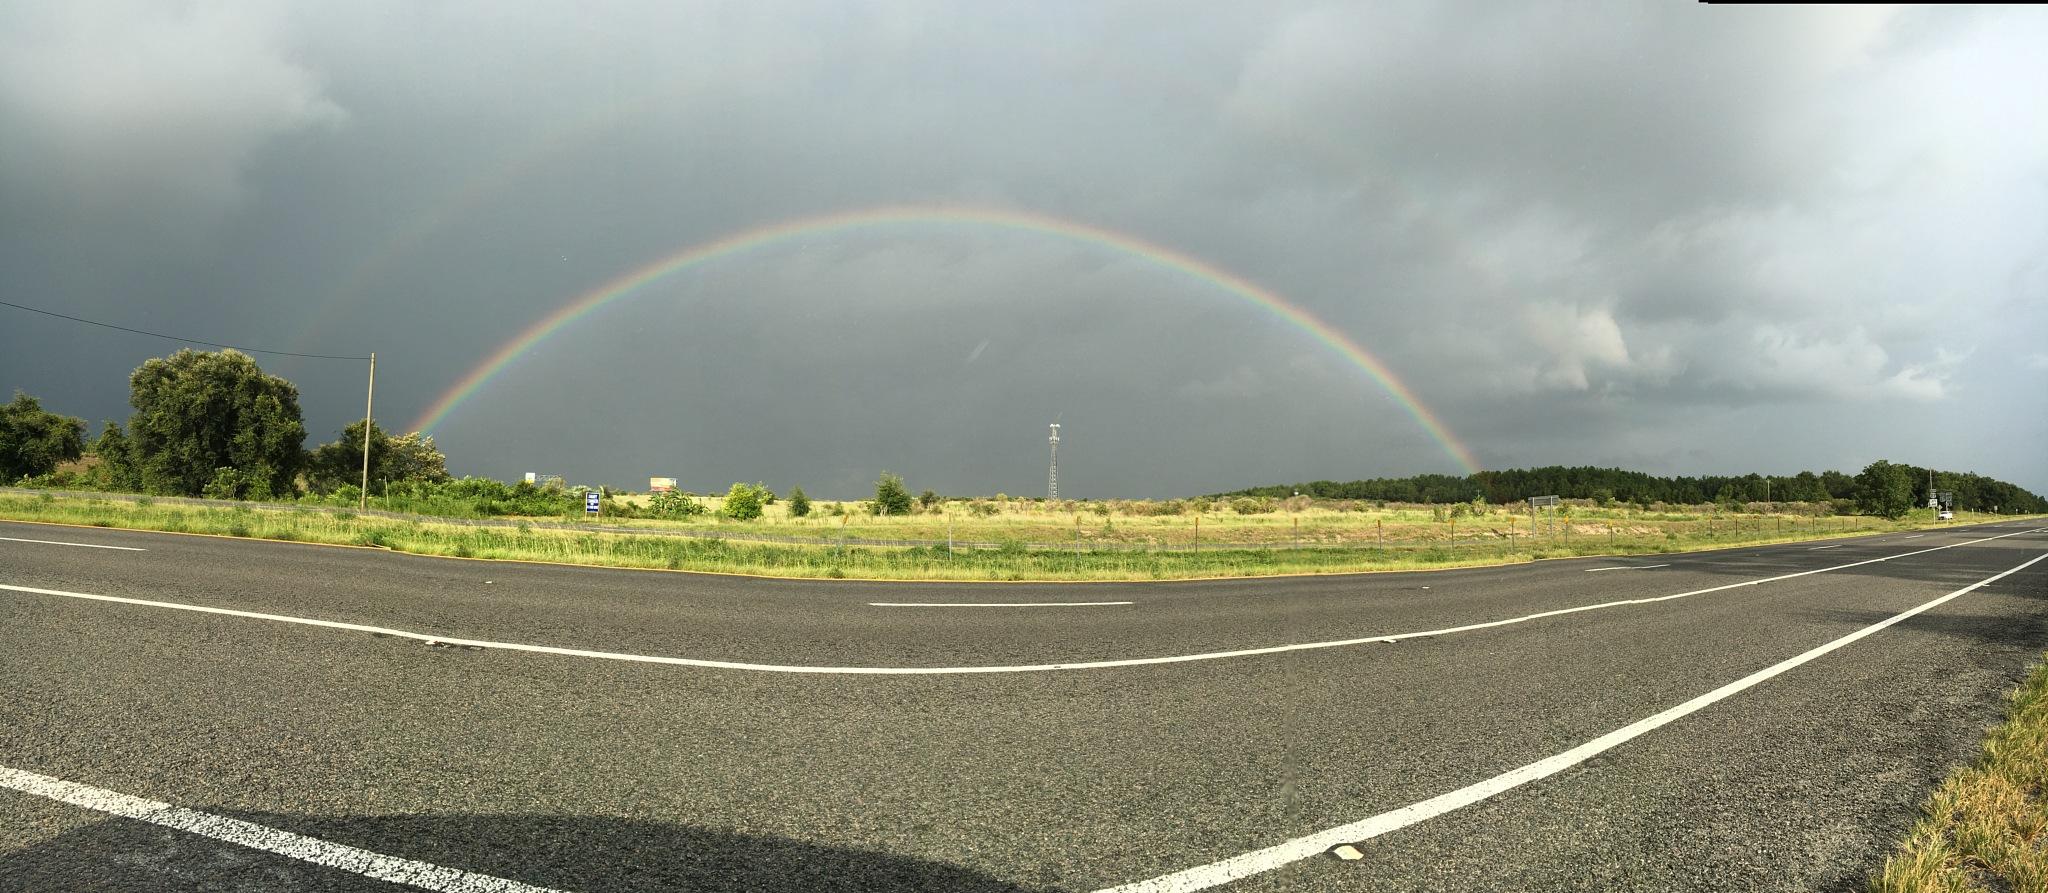 Over the rainbow  by taimyM